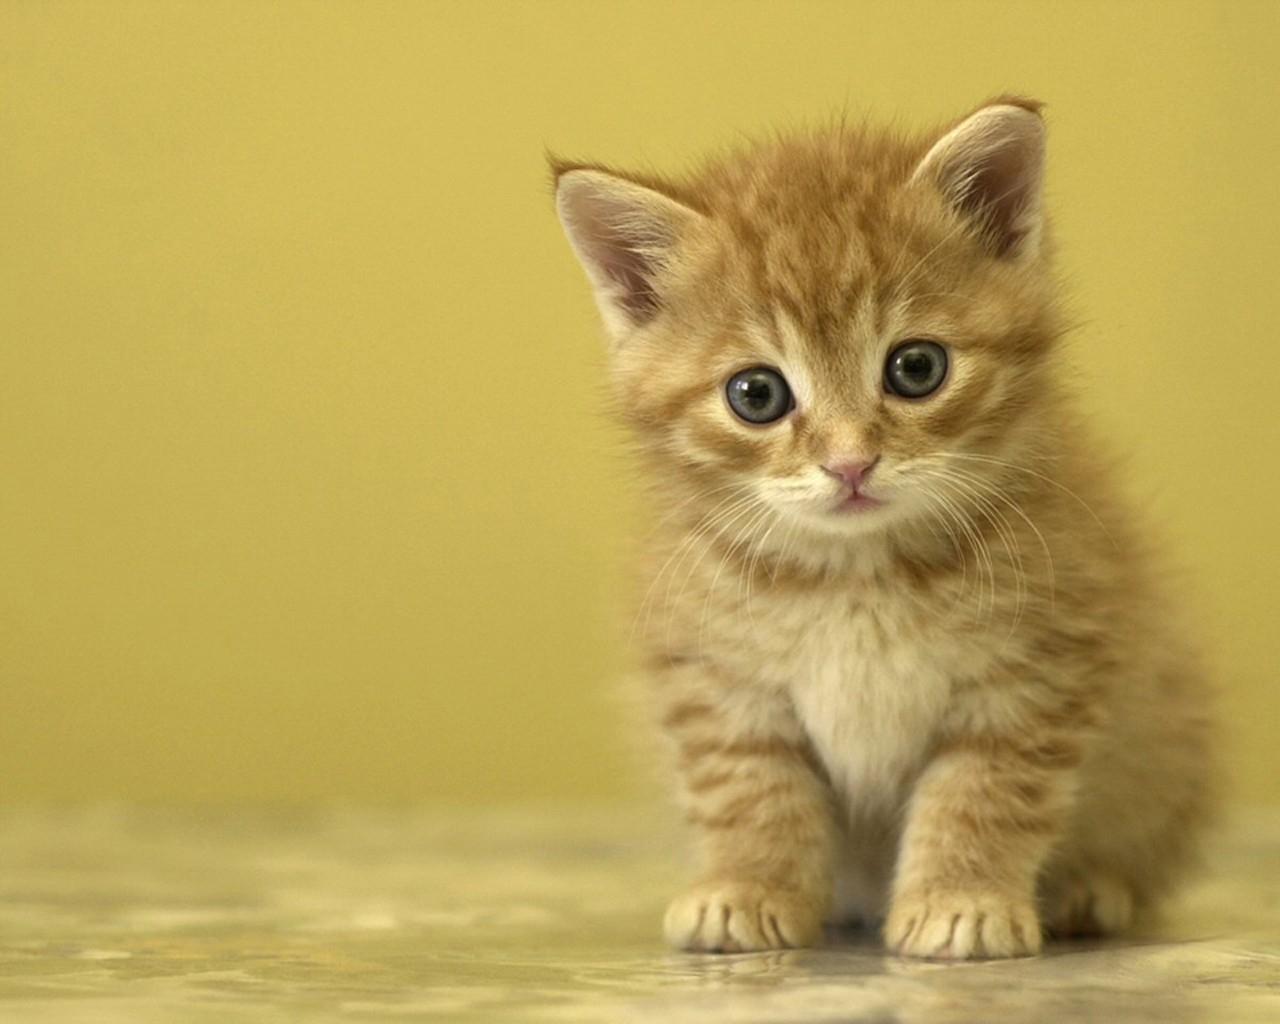 Заставки на телефон котята   милые и смешные (13)